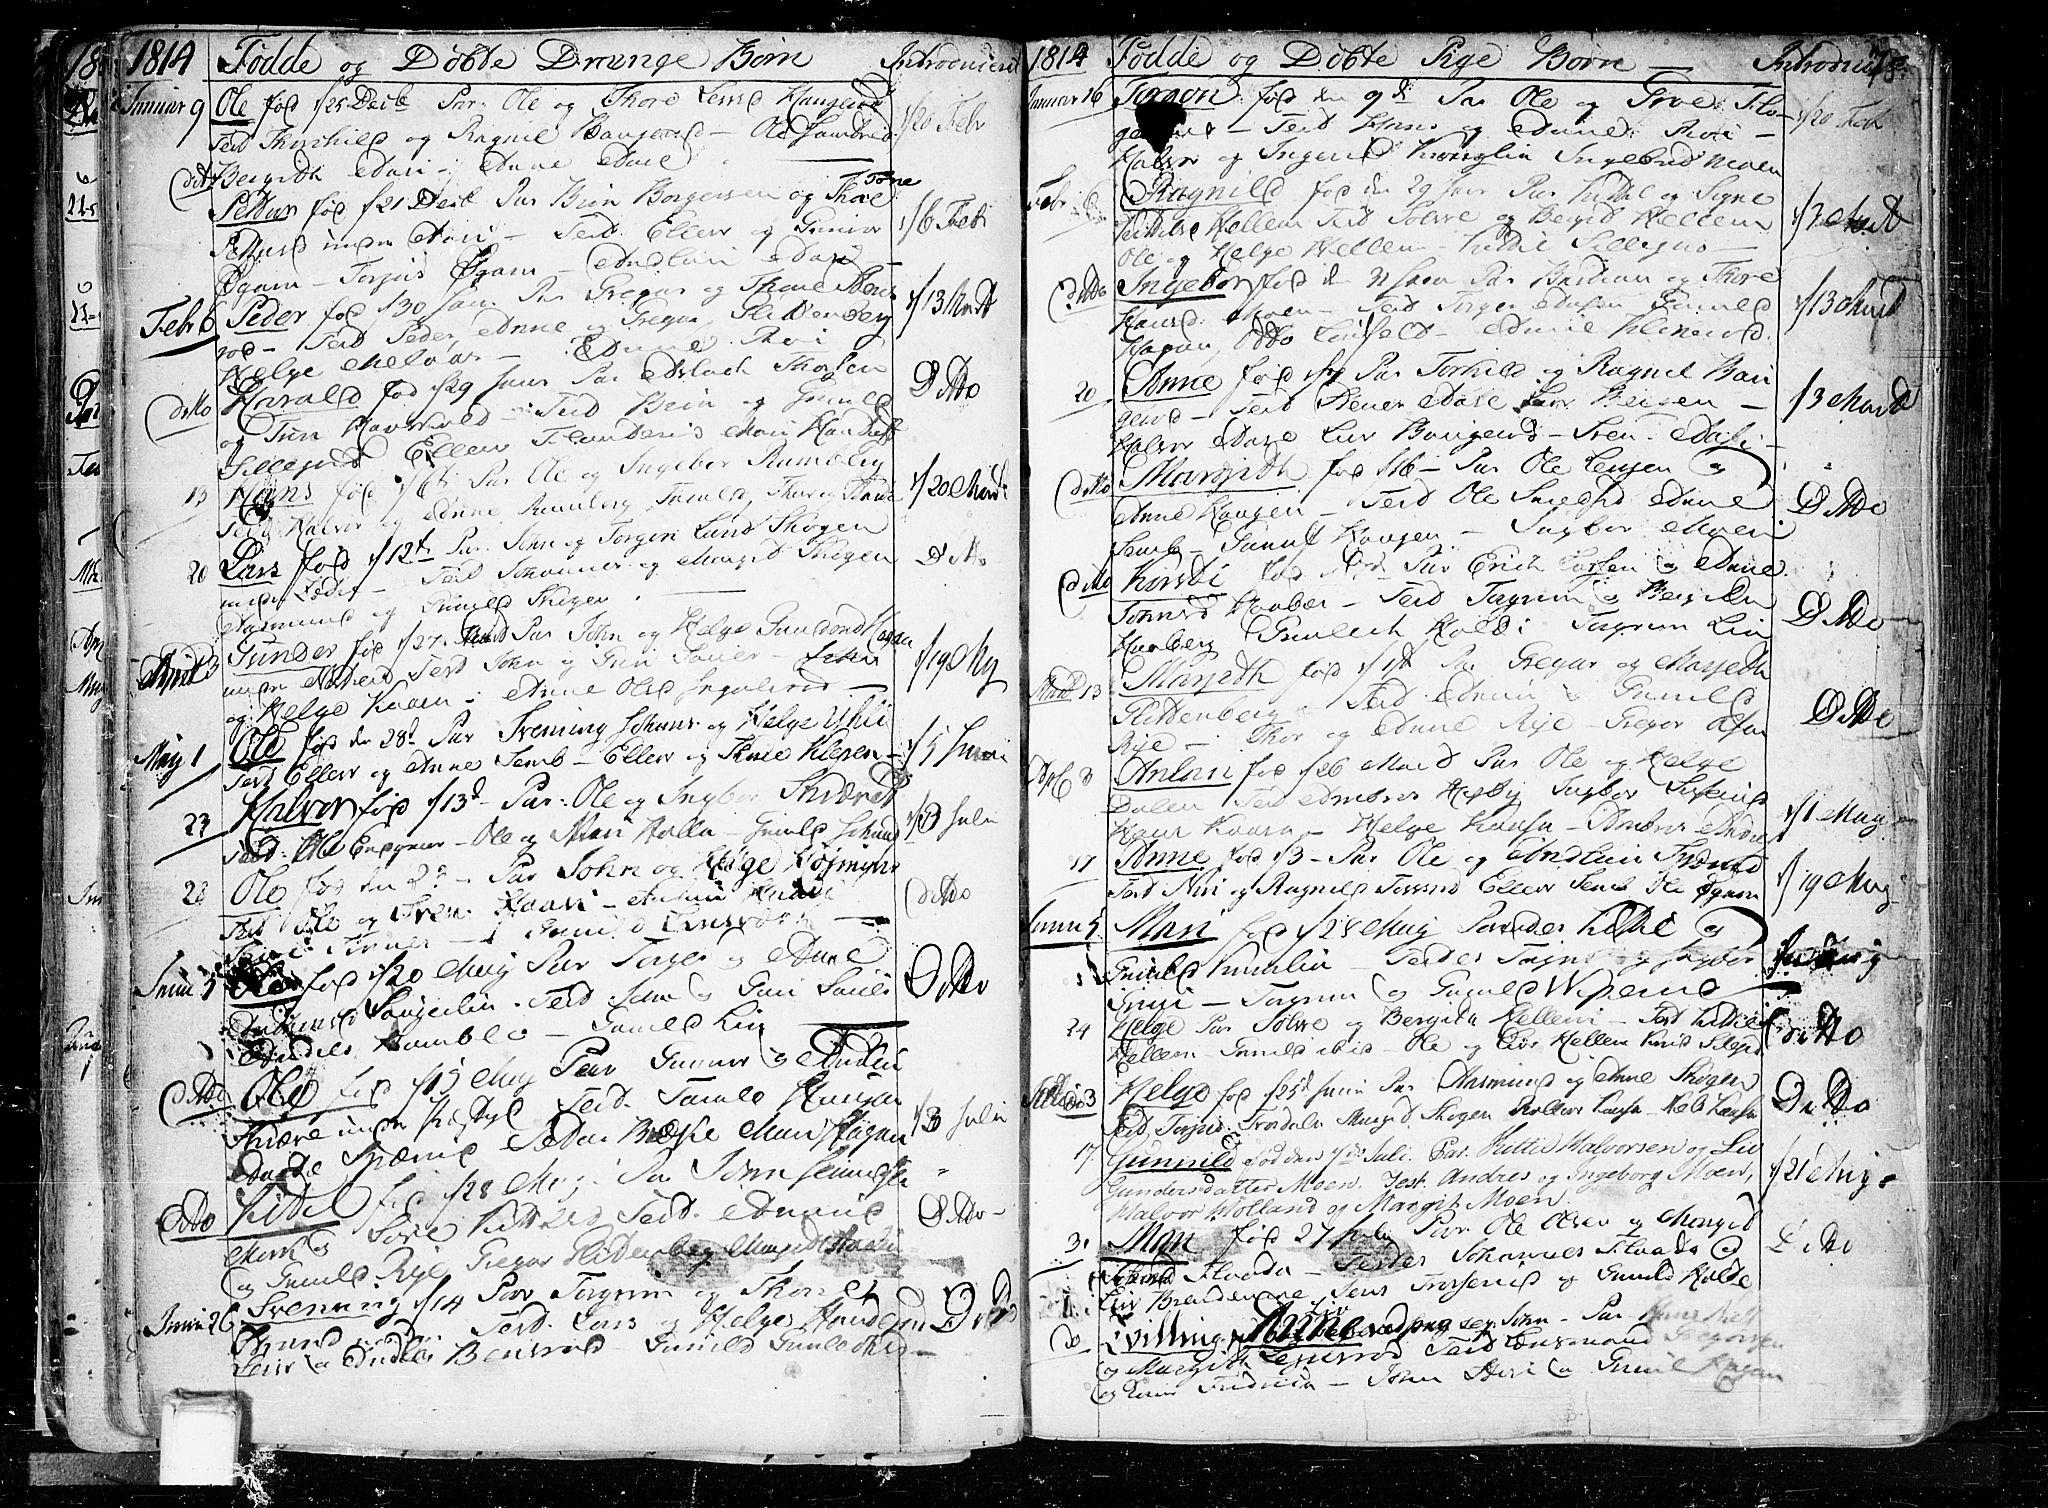 SAKO, Heddal kirkebøker, F/Fa/L0004: Ministerialbok nr. I 4, 1784-1814, s. 75